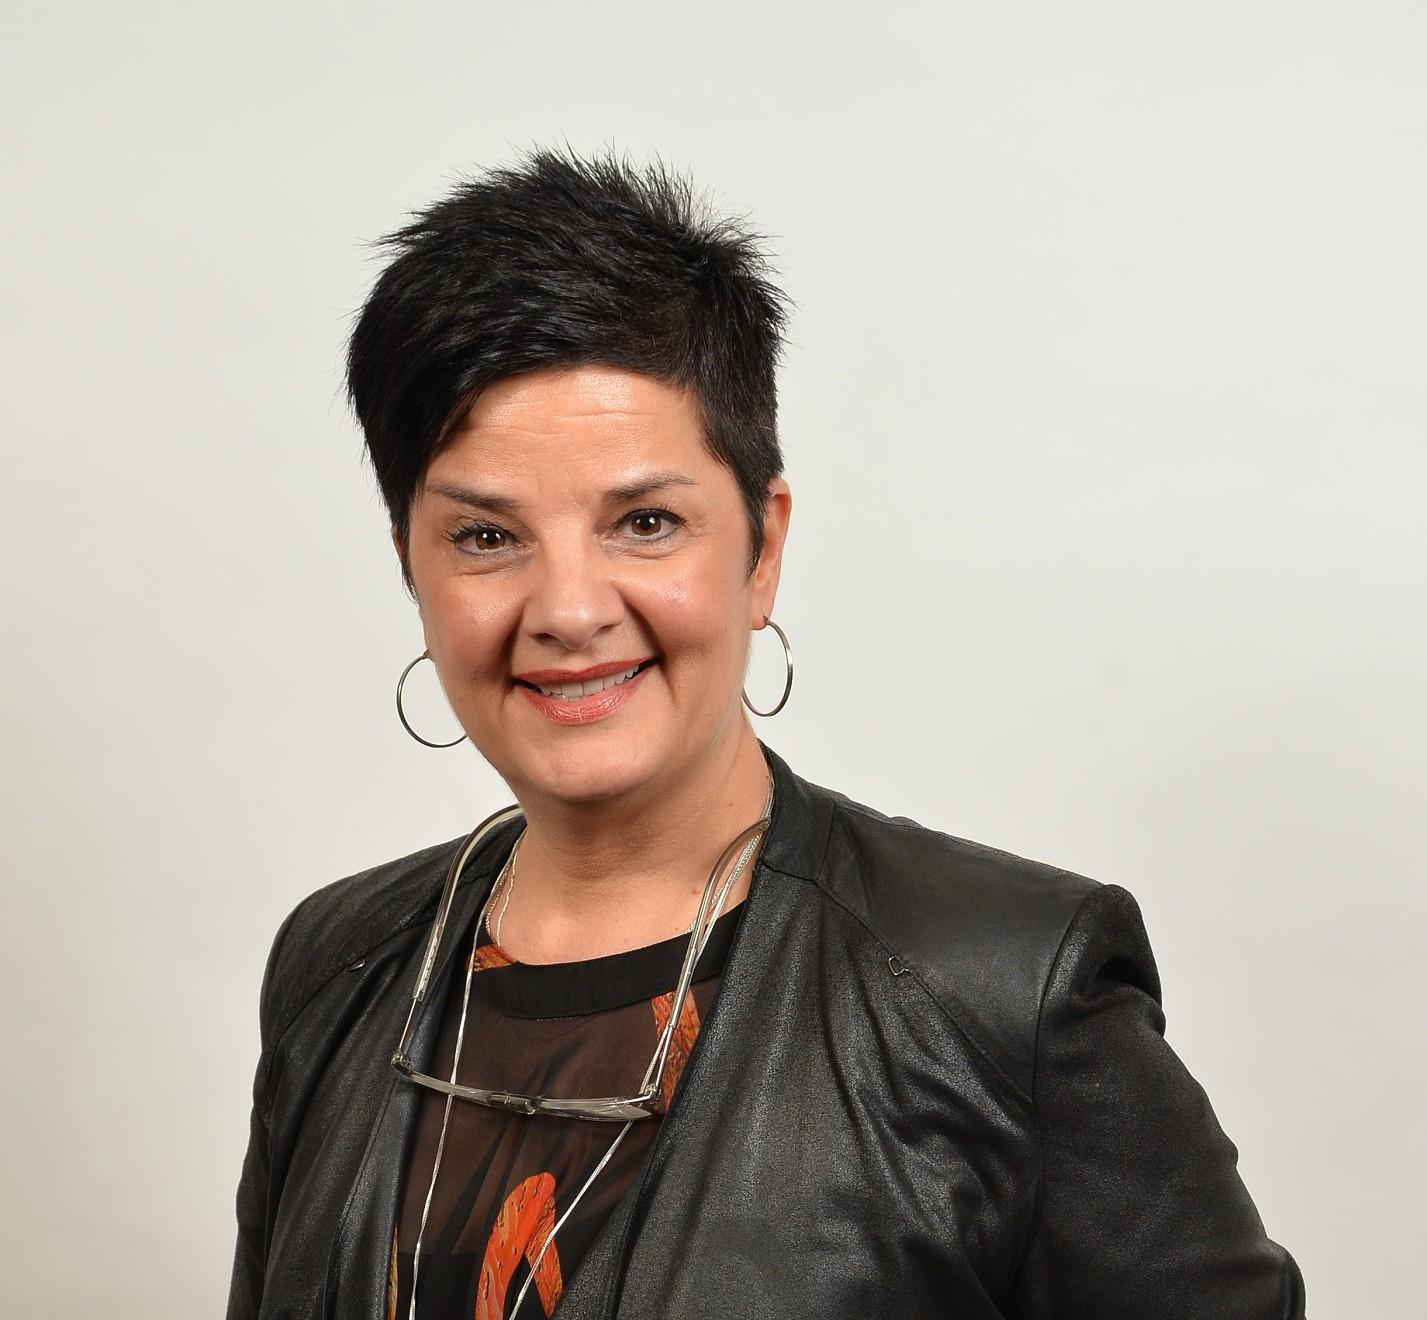 Denise Poitras, propriétaire, photo de 2014